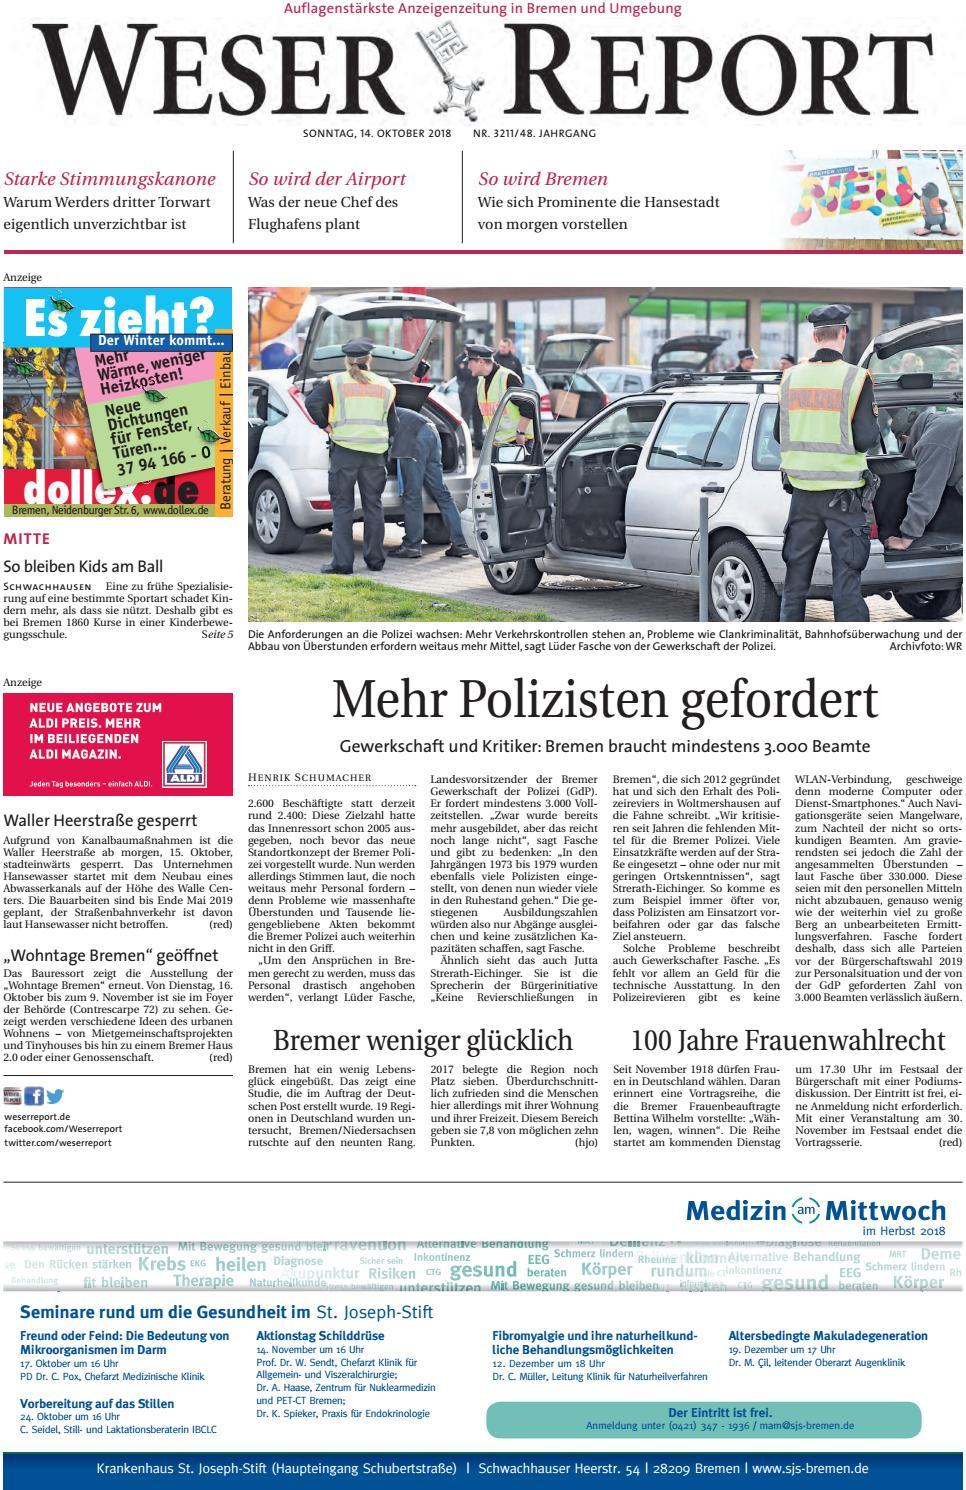 Weser Report Mitte Vom 14 10 2018 By Kps Verlagsgesellschaft Mbh